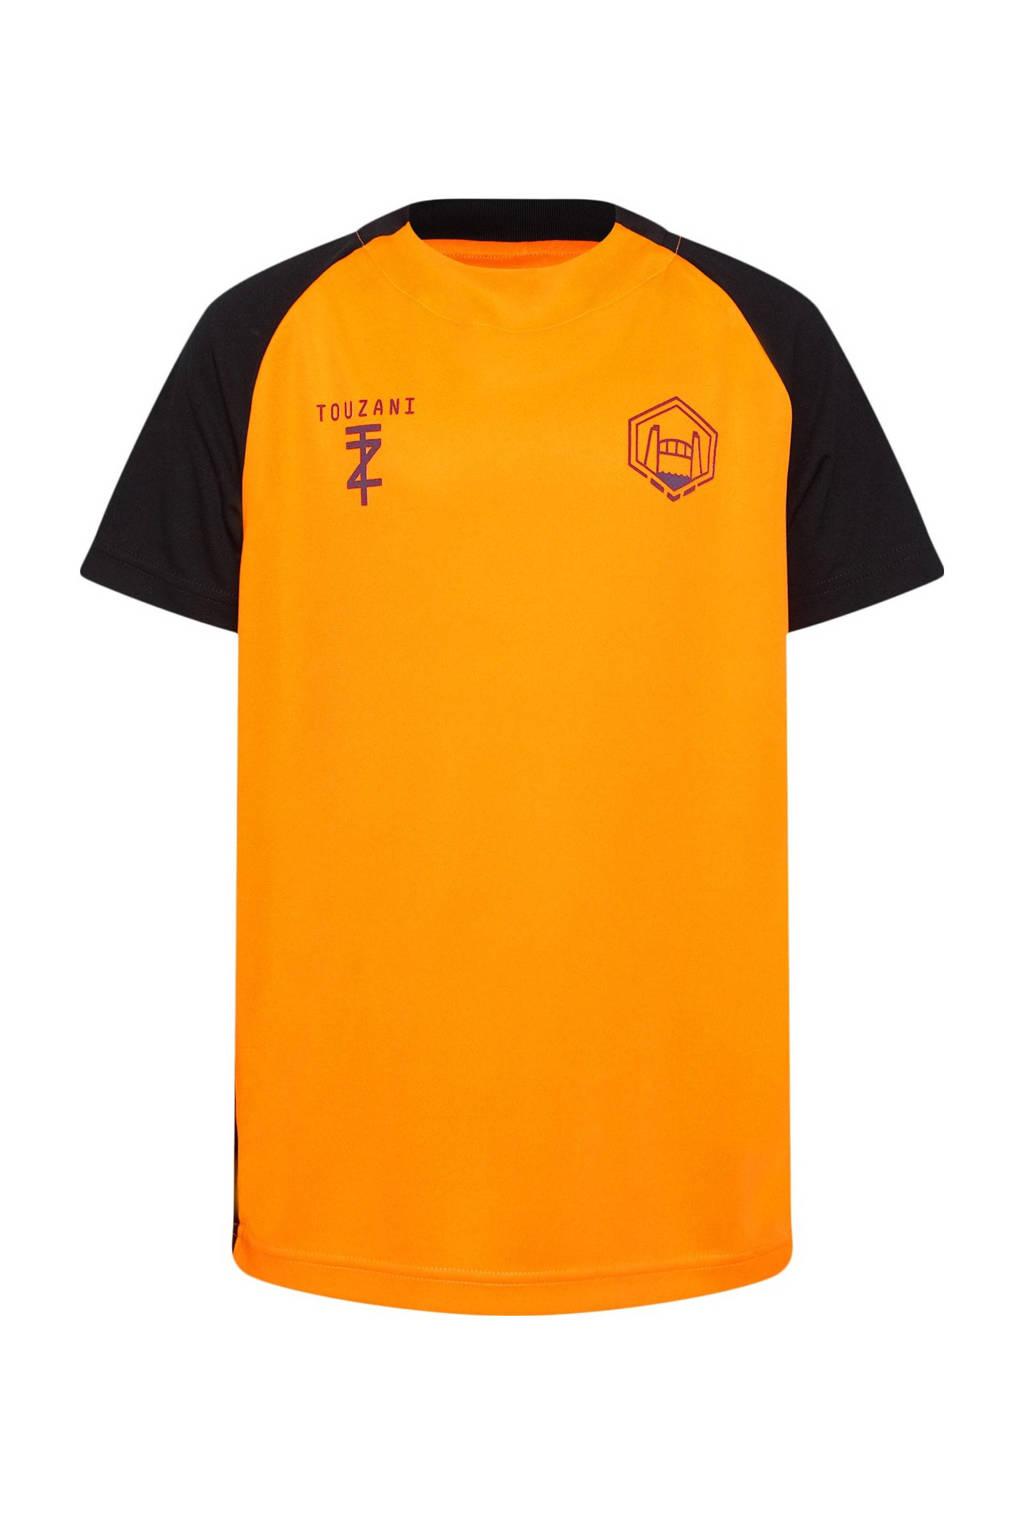 WE Fashion   X Touzani voetbal T-shirt oranje/zwart, Oranje/zwart